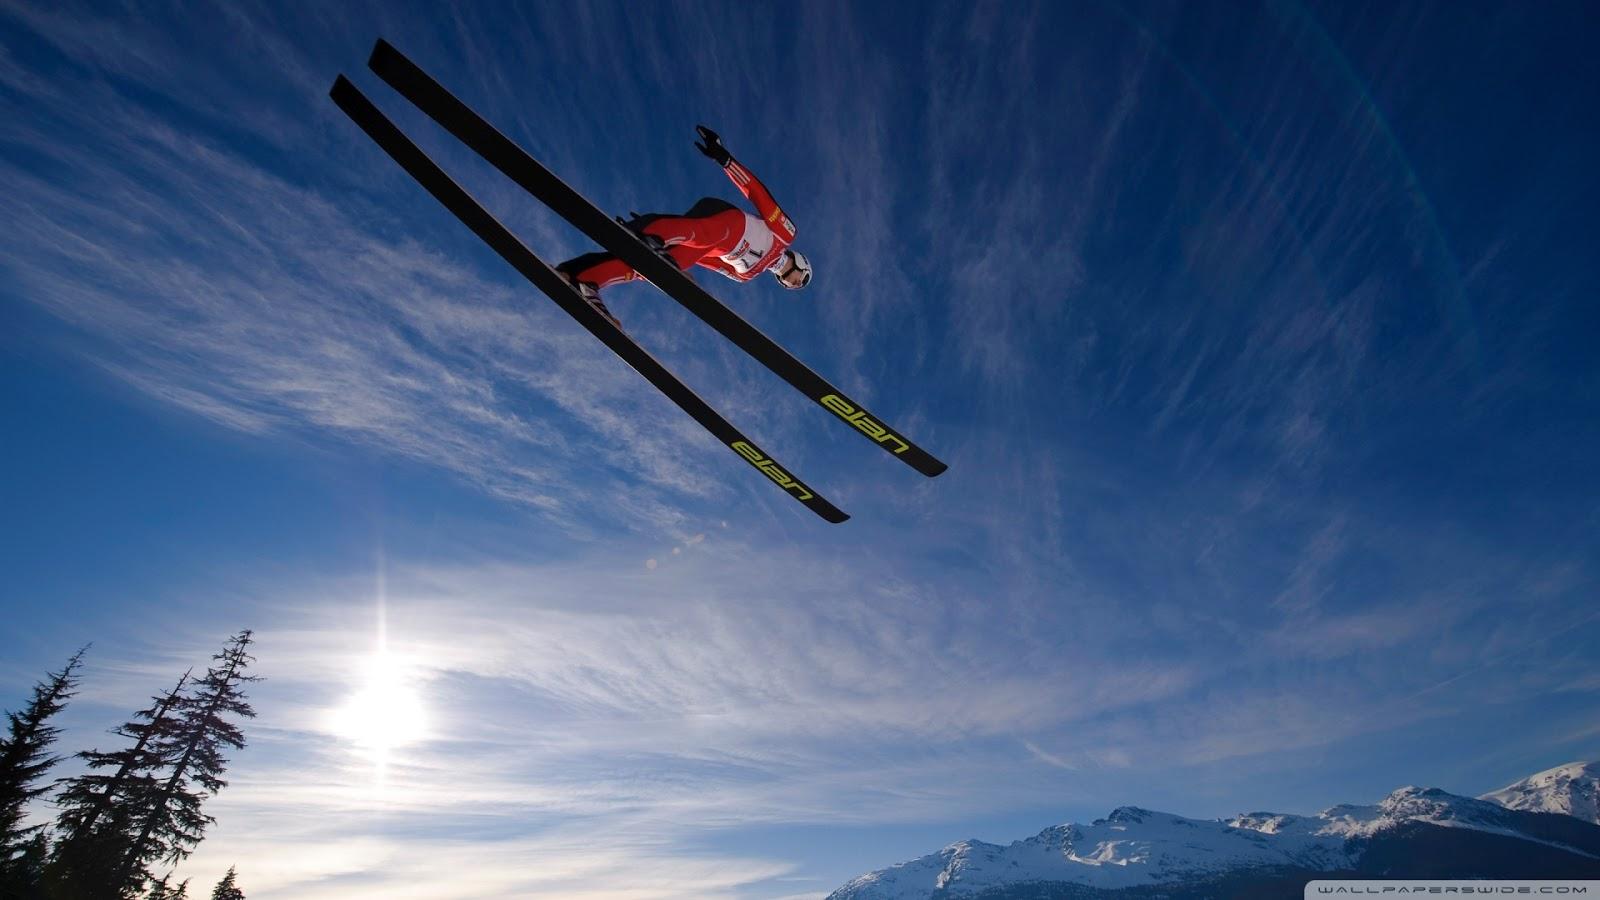 http://1.bp.blogspot.com/-OYTofxAsiAE/UKoiKIbDK_I/AAAAAAAAHME/AmK5_F2Y3MU/s1600/Ski_Wallpaper_6.jpg